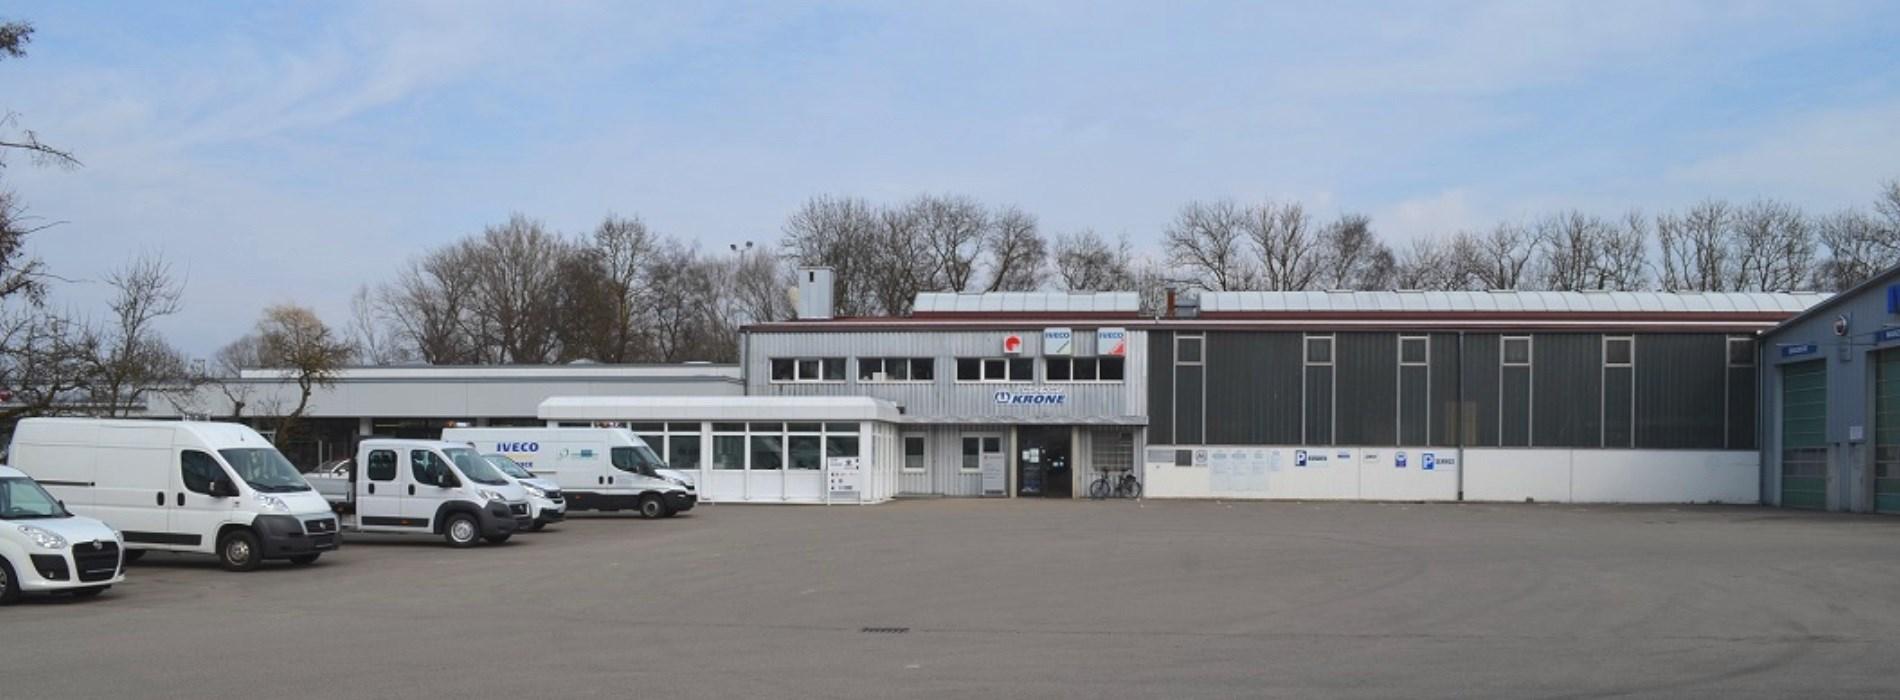 Autohaus-H.J.-Prem